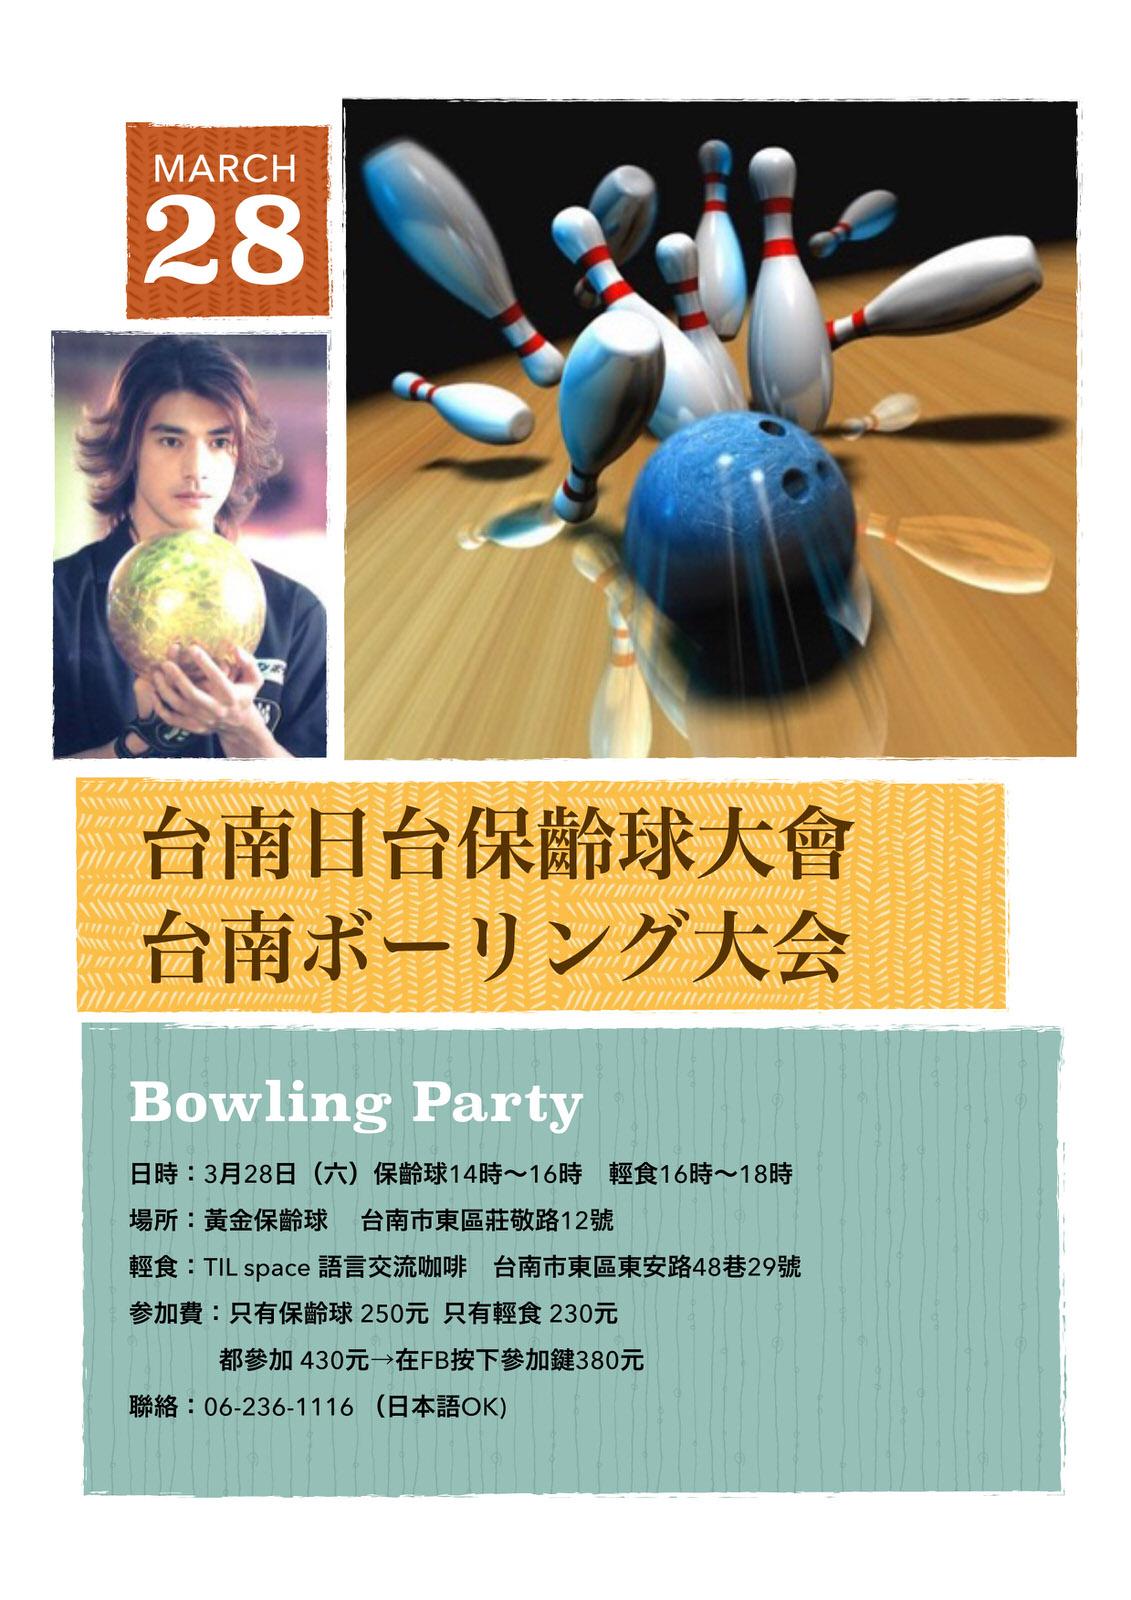 台南日台保齡球大會/台南ボーリング大会